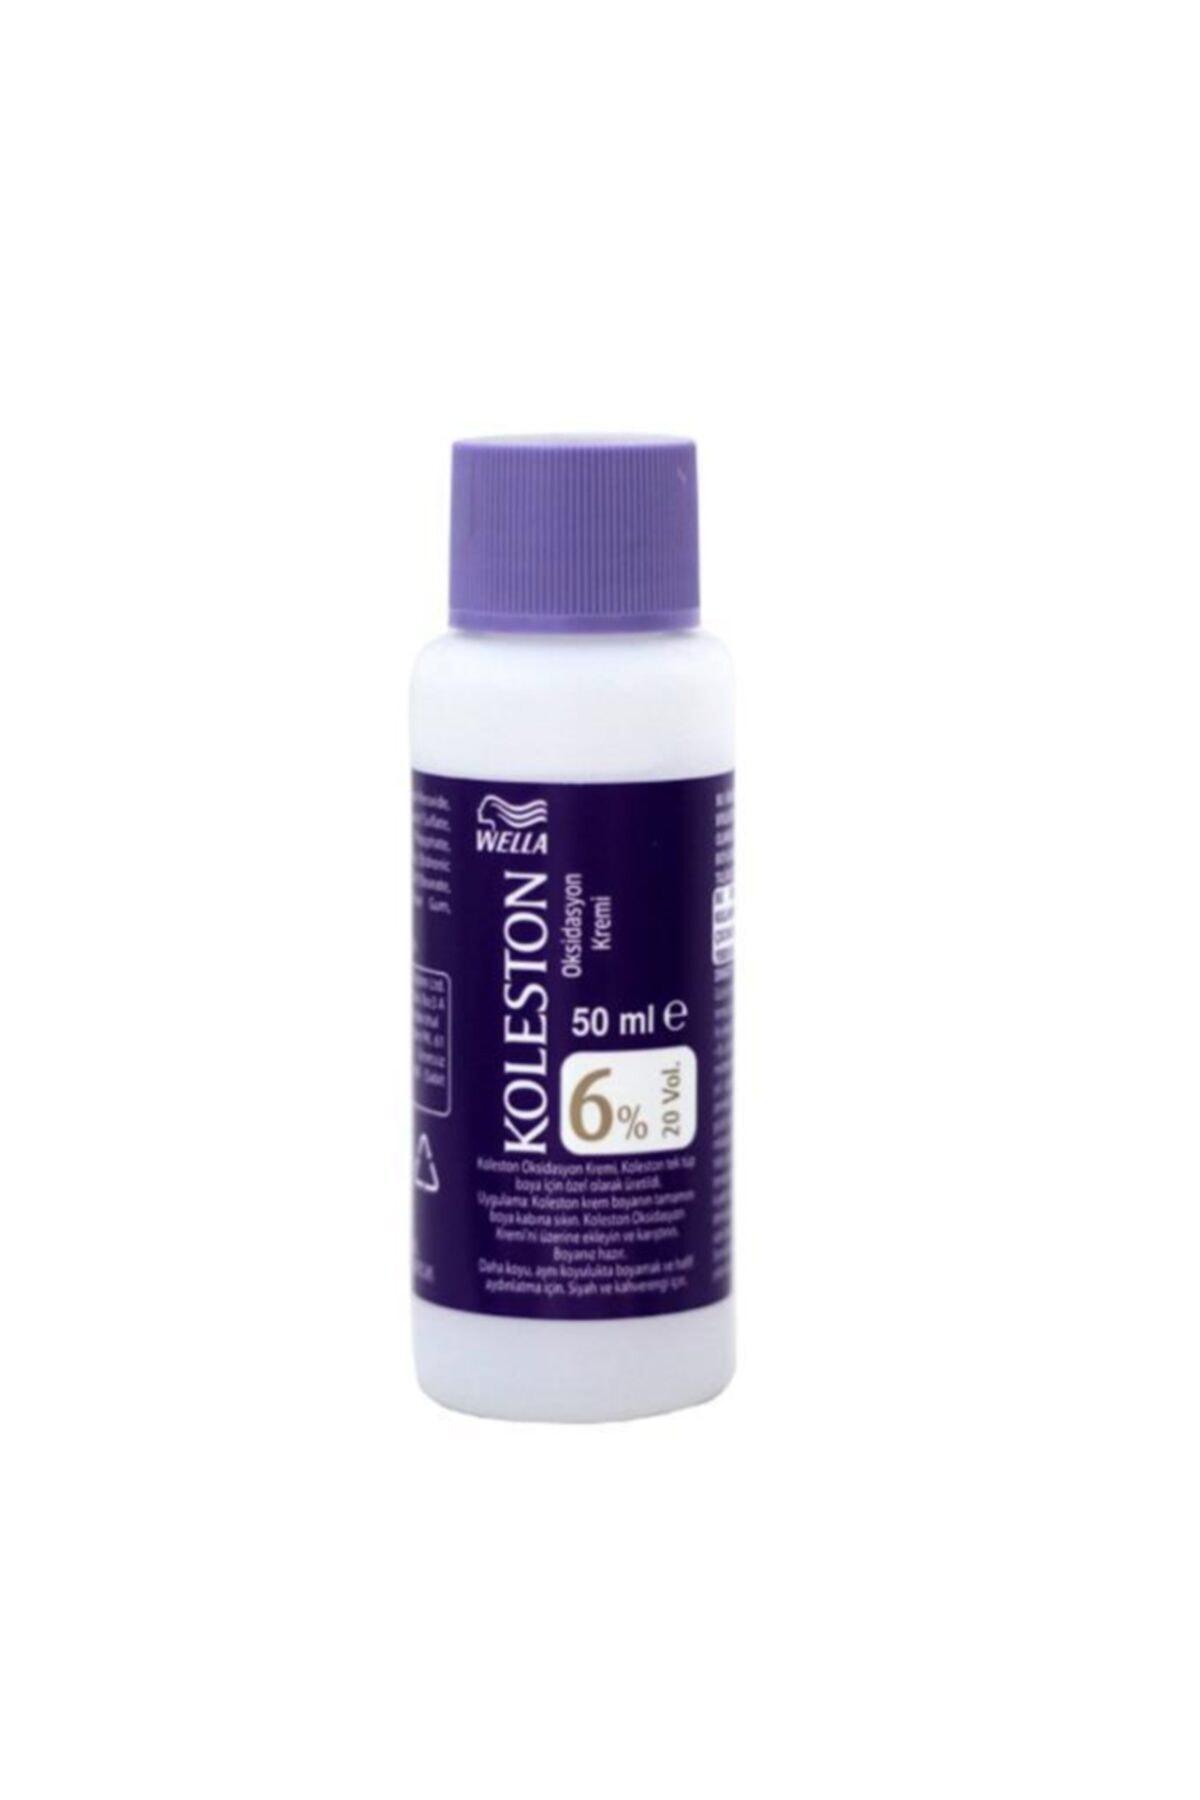 Koleston Sıvı Peroksit %6 Krem Boya Için Oksidan Boya Sıvısı 50ml 1